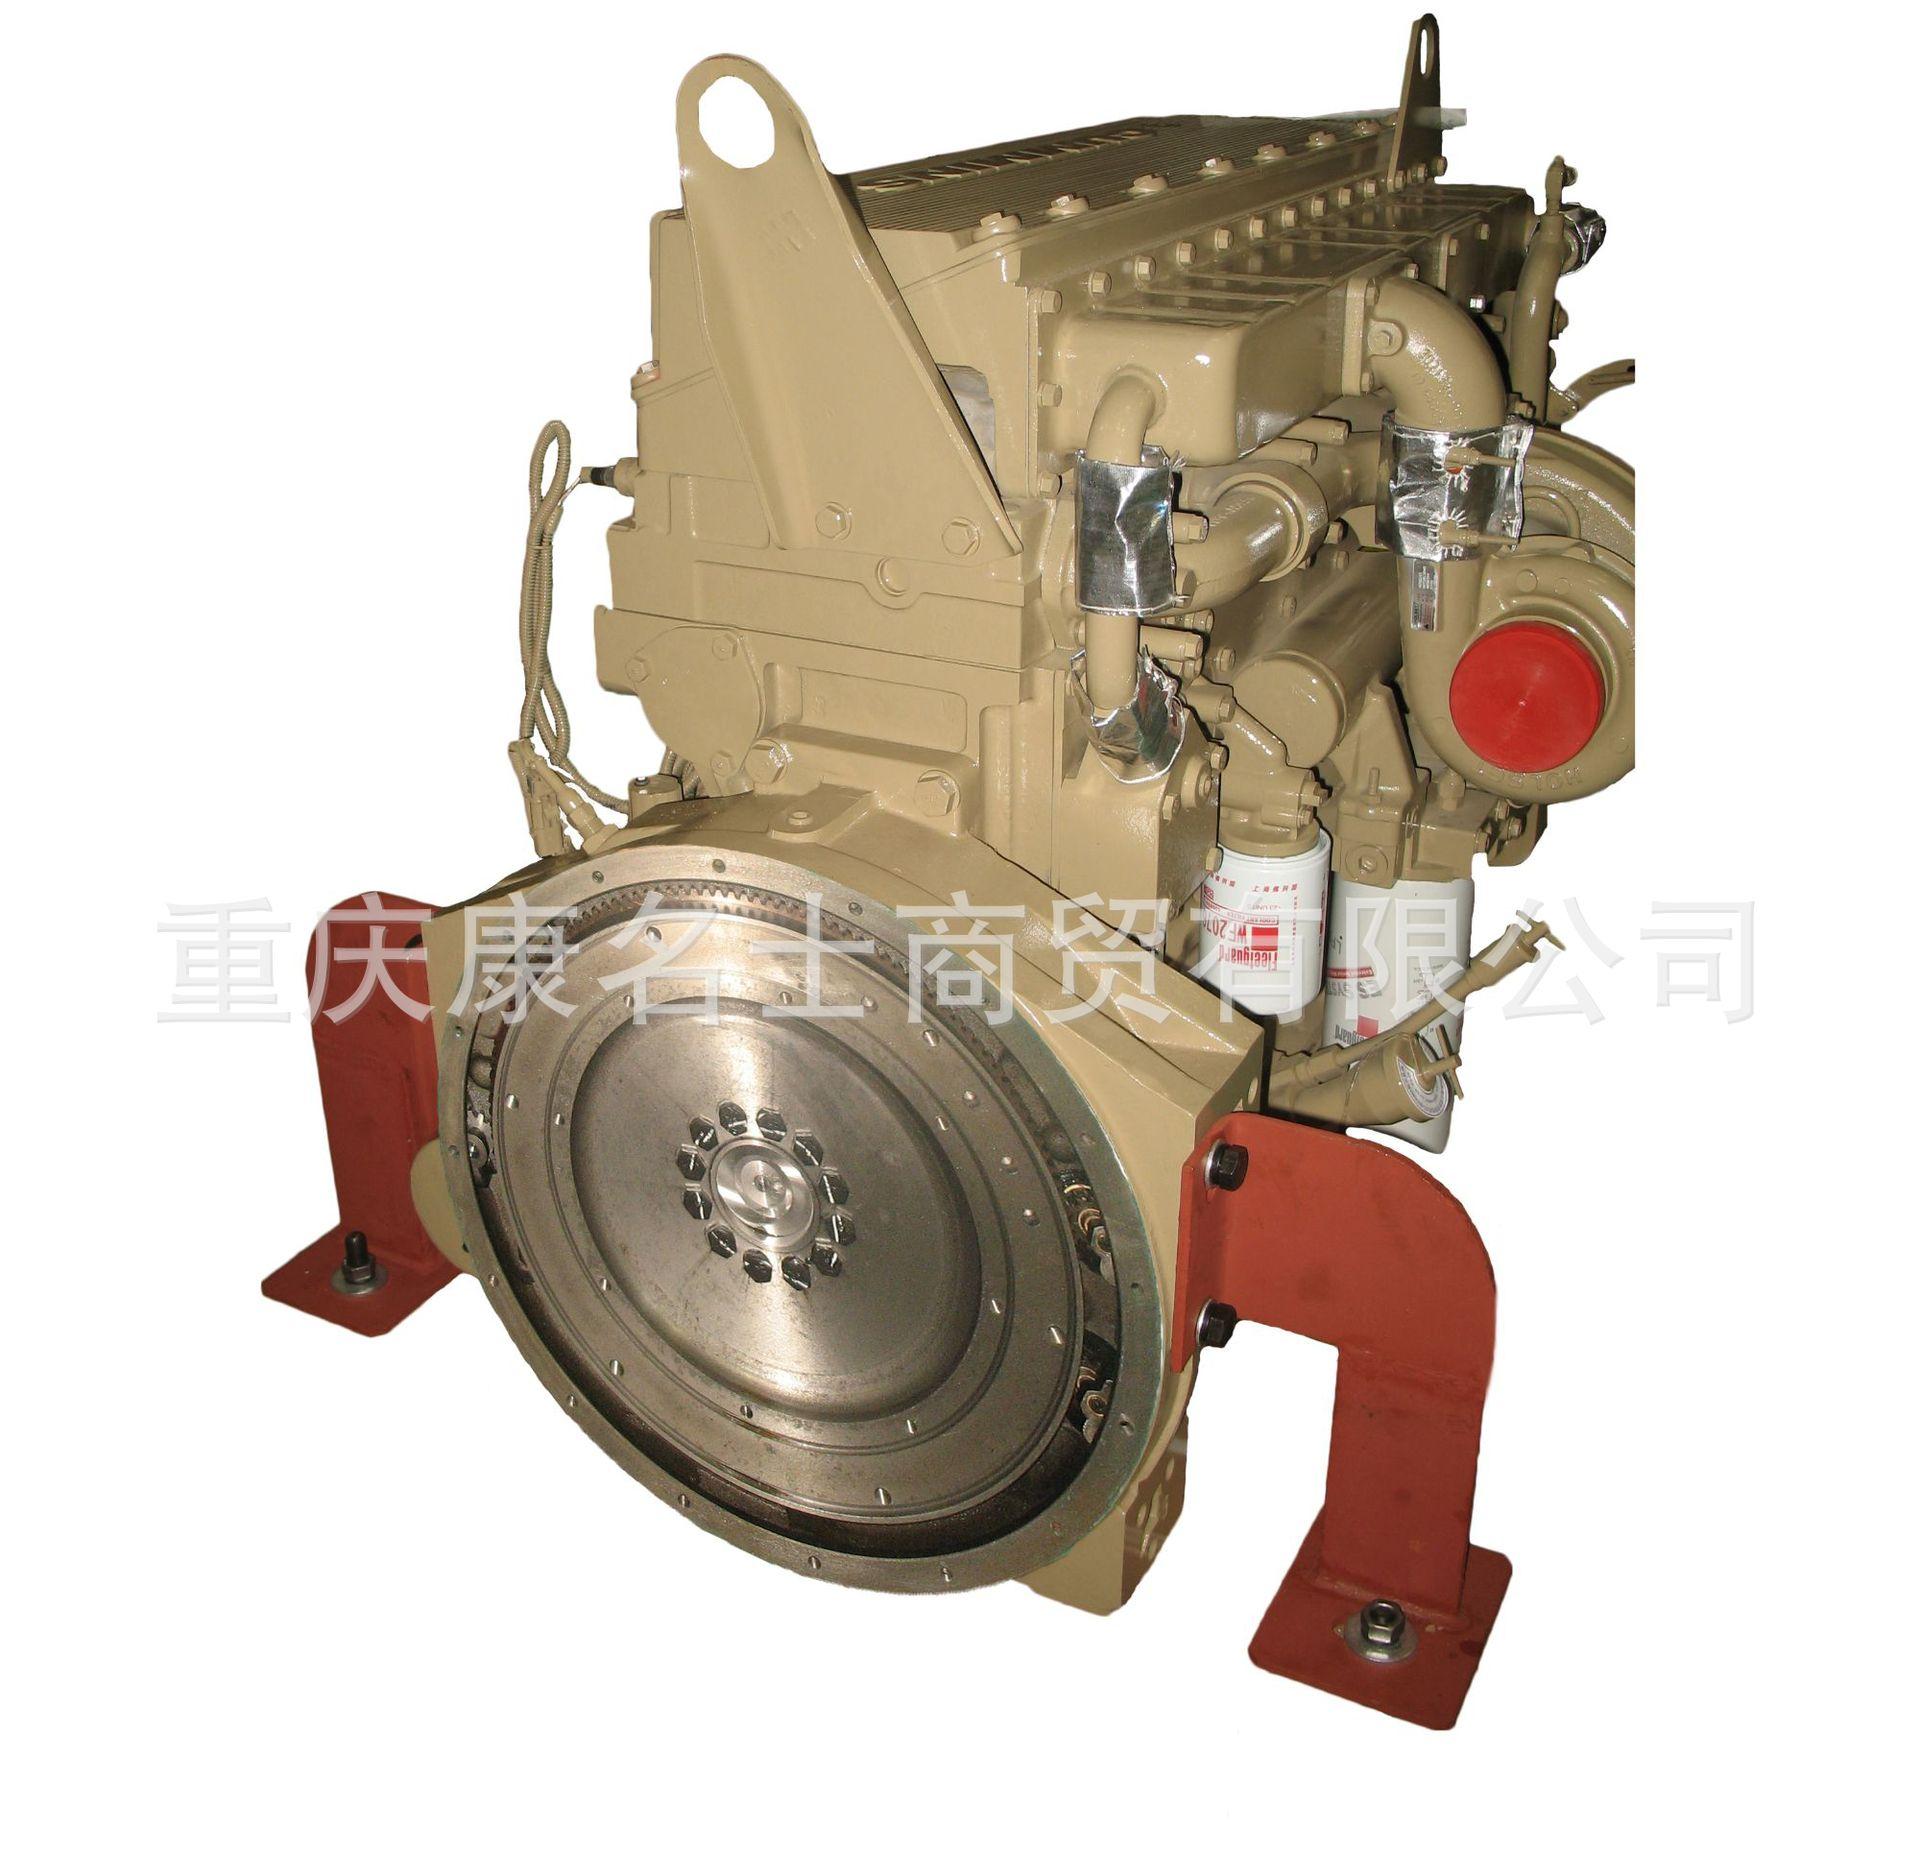 4944414康明斯通气挡板QSL9 285发动机配件厂价优惠